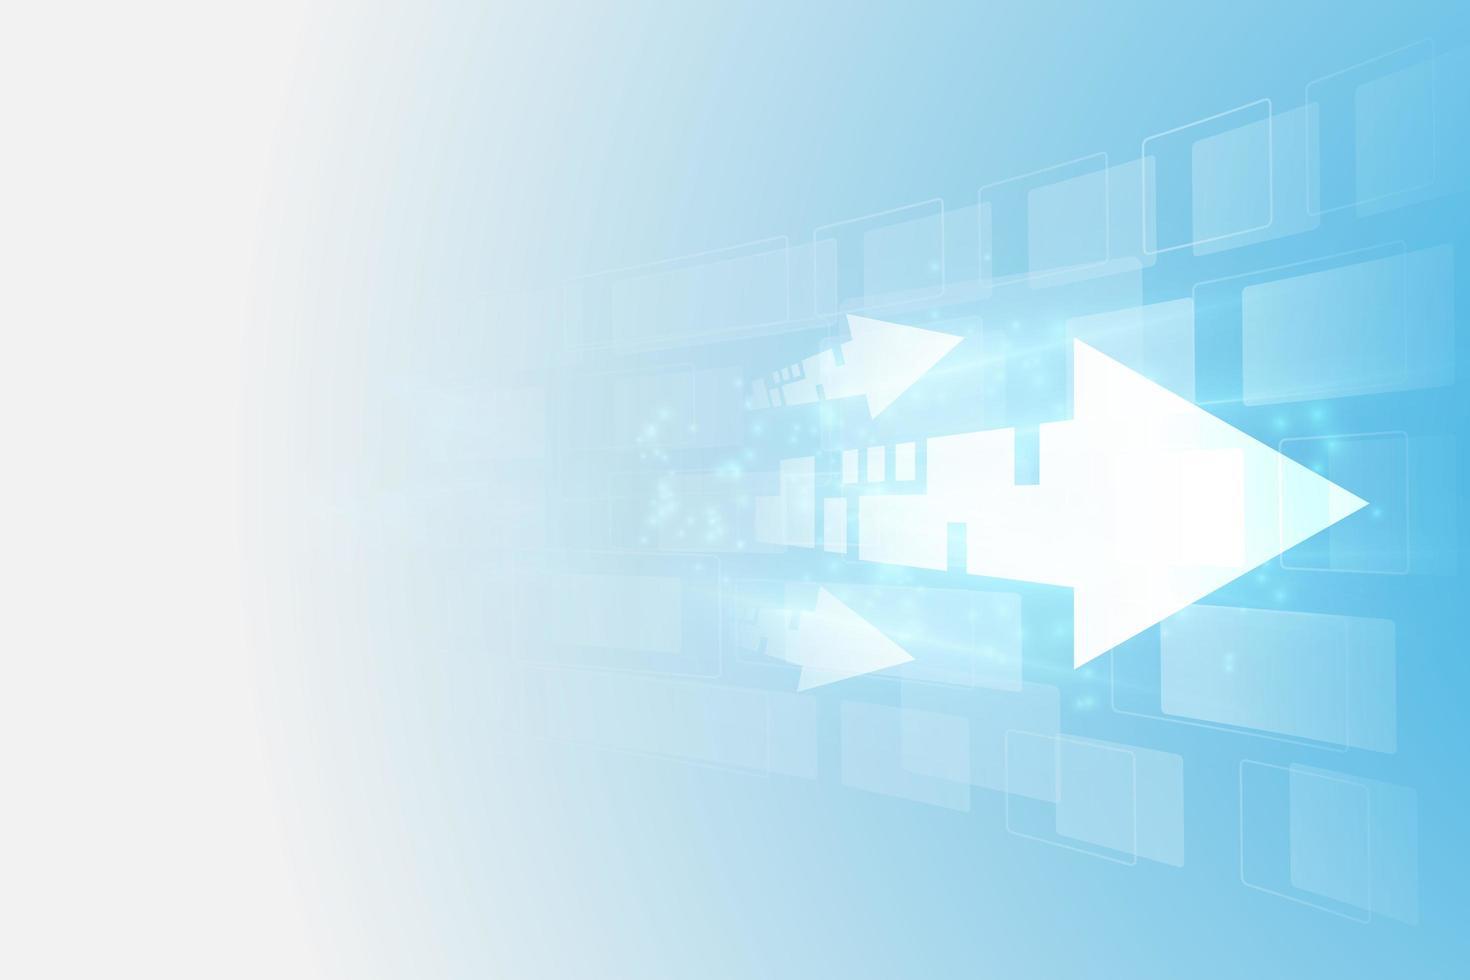 technologie de vitesse numérique future abstraite vecteur